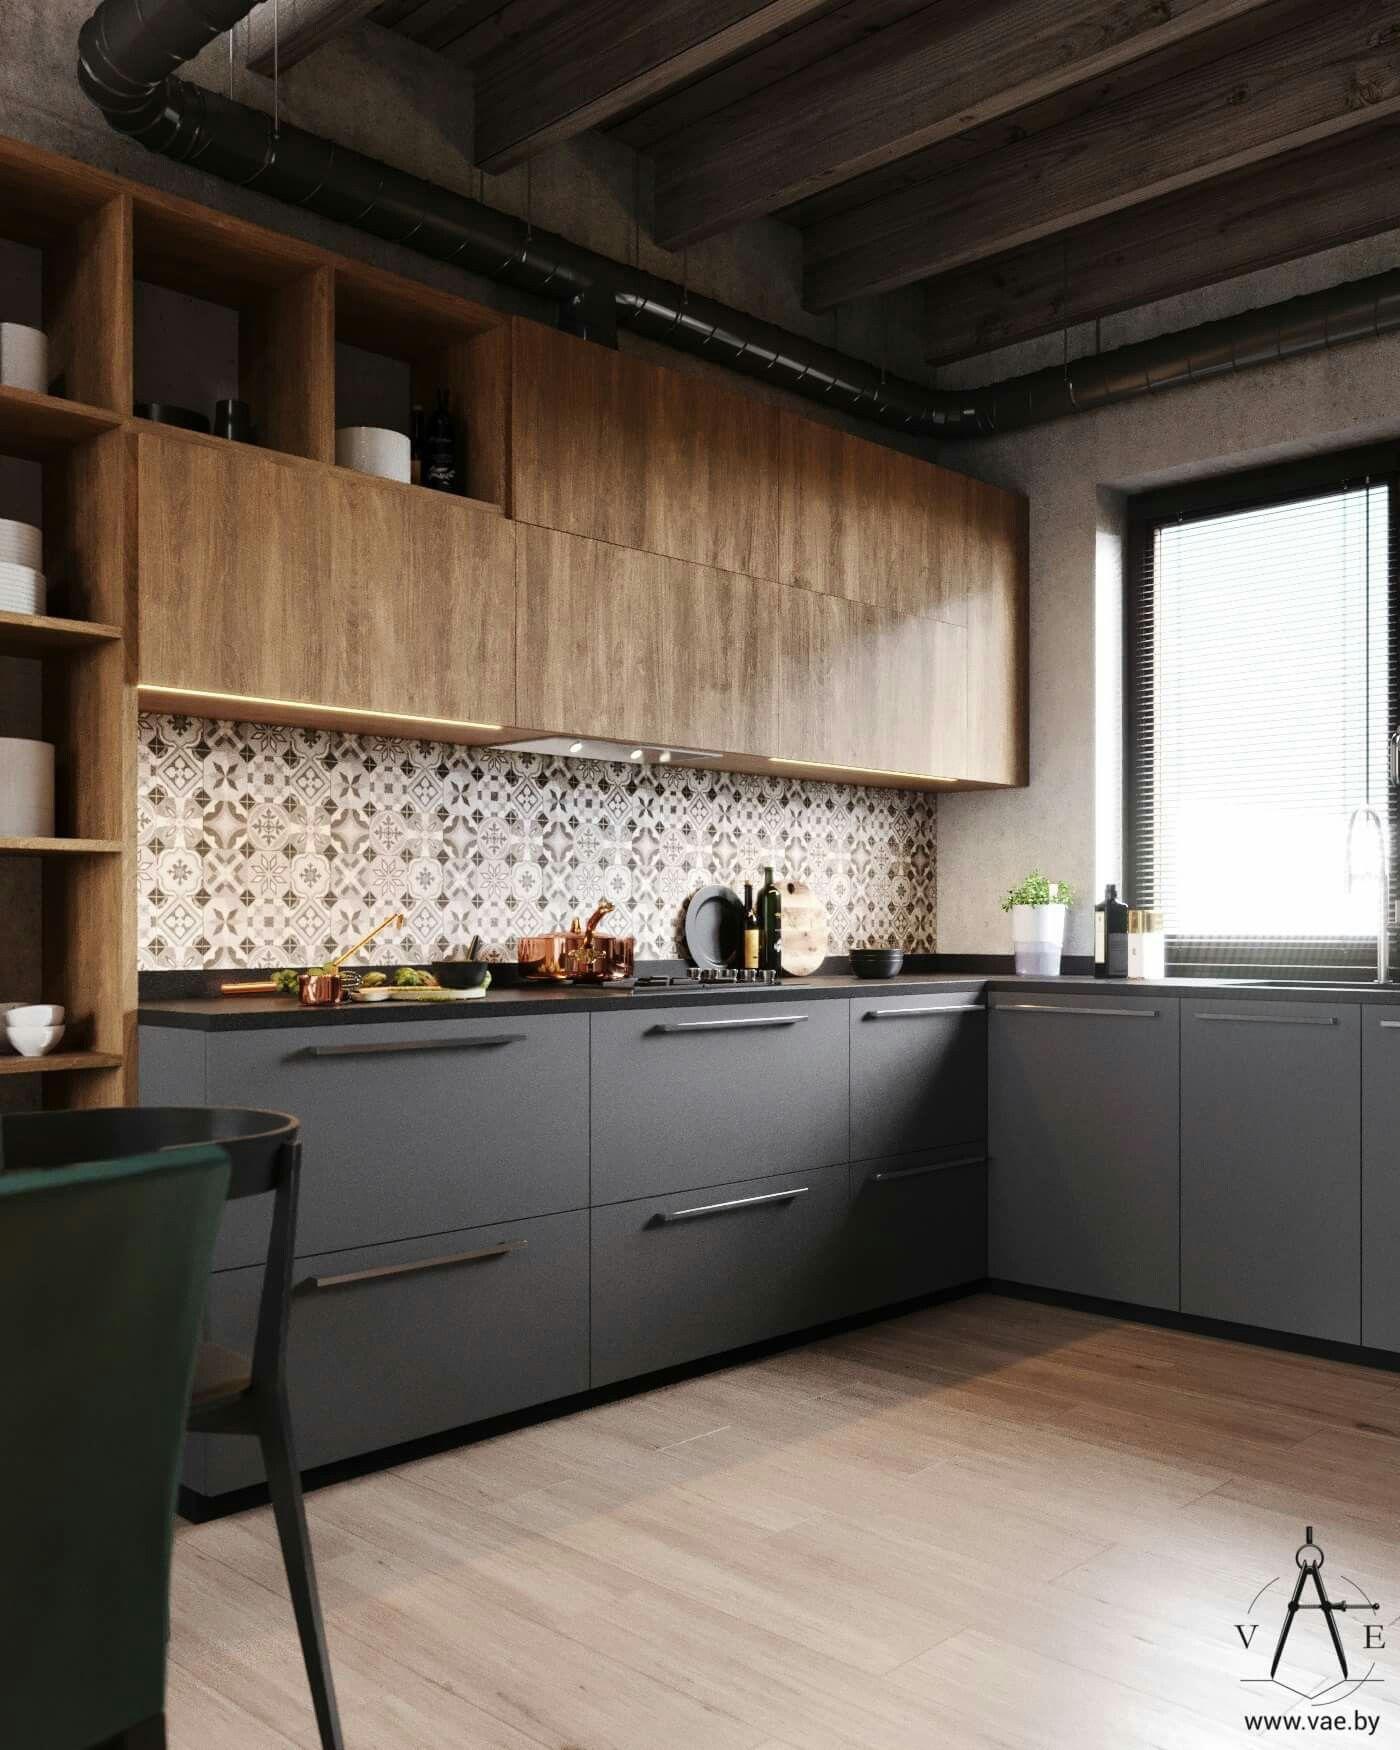 Diseño mueble cocina con madera y color gris combinados. | Ideas ...